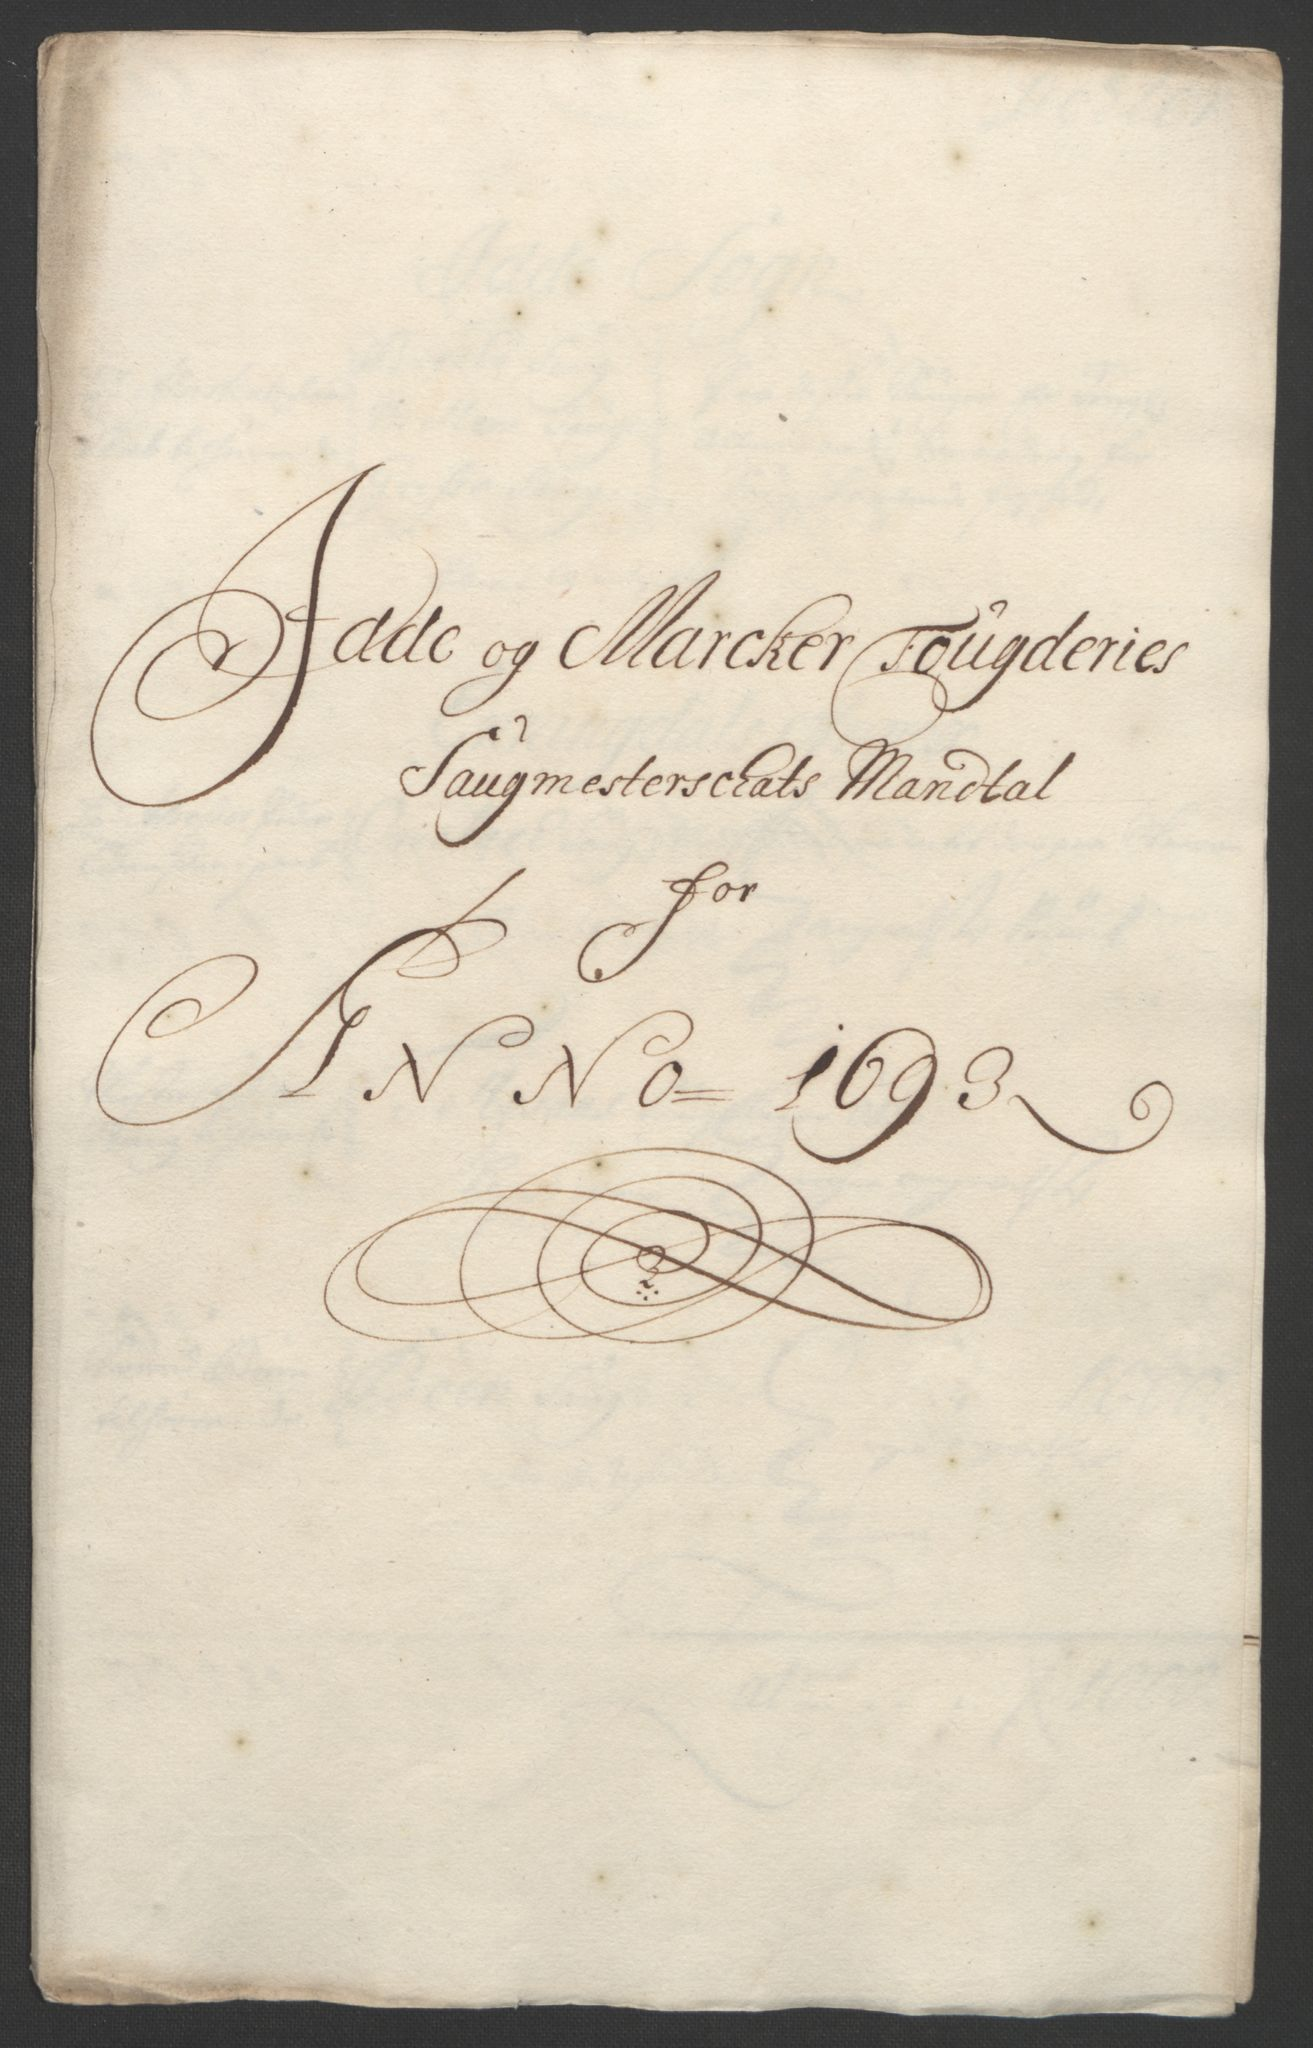 RA, Rentekammeret inntil 1814, Reviderte regnskaper, Fogderegnskap, R01/L0011: Fogderegnskap Idd og Marker, 1692-1693, s. 288